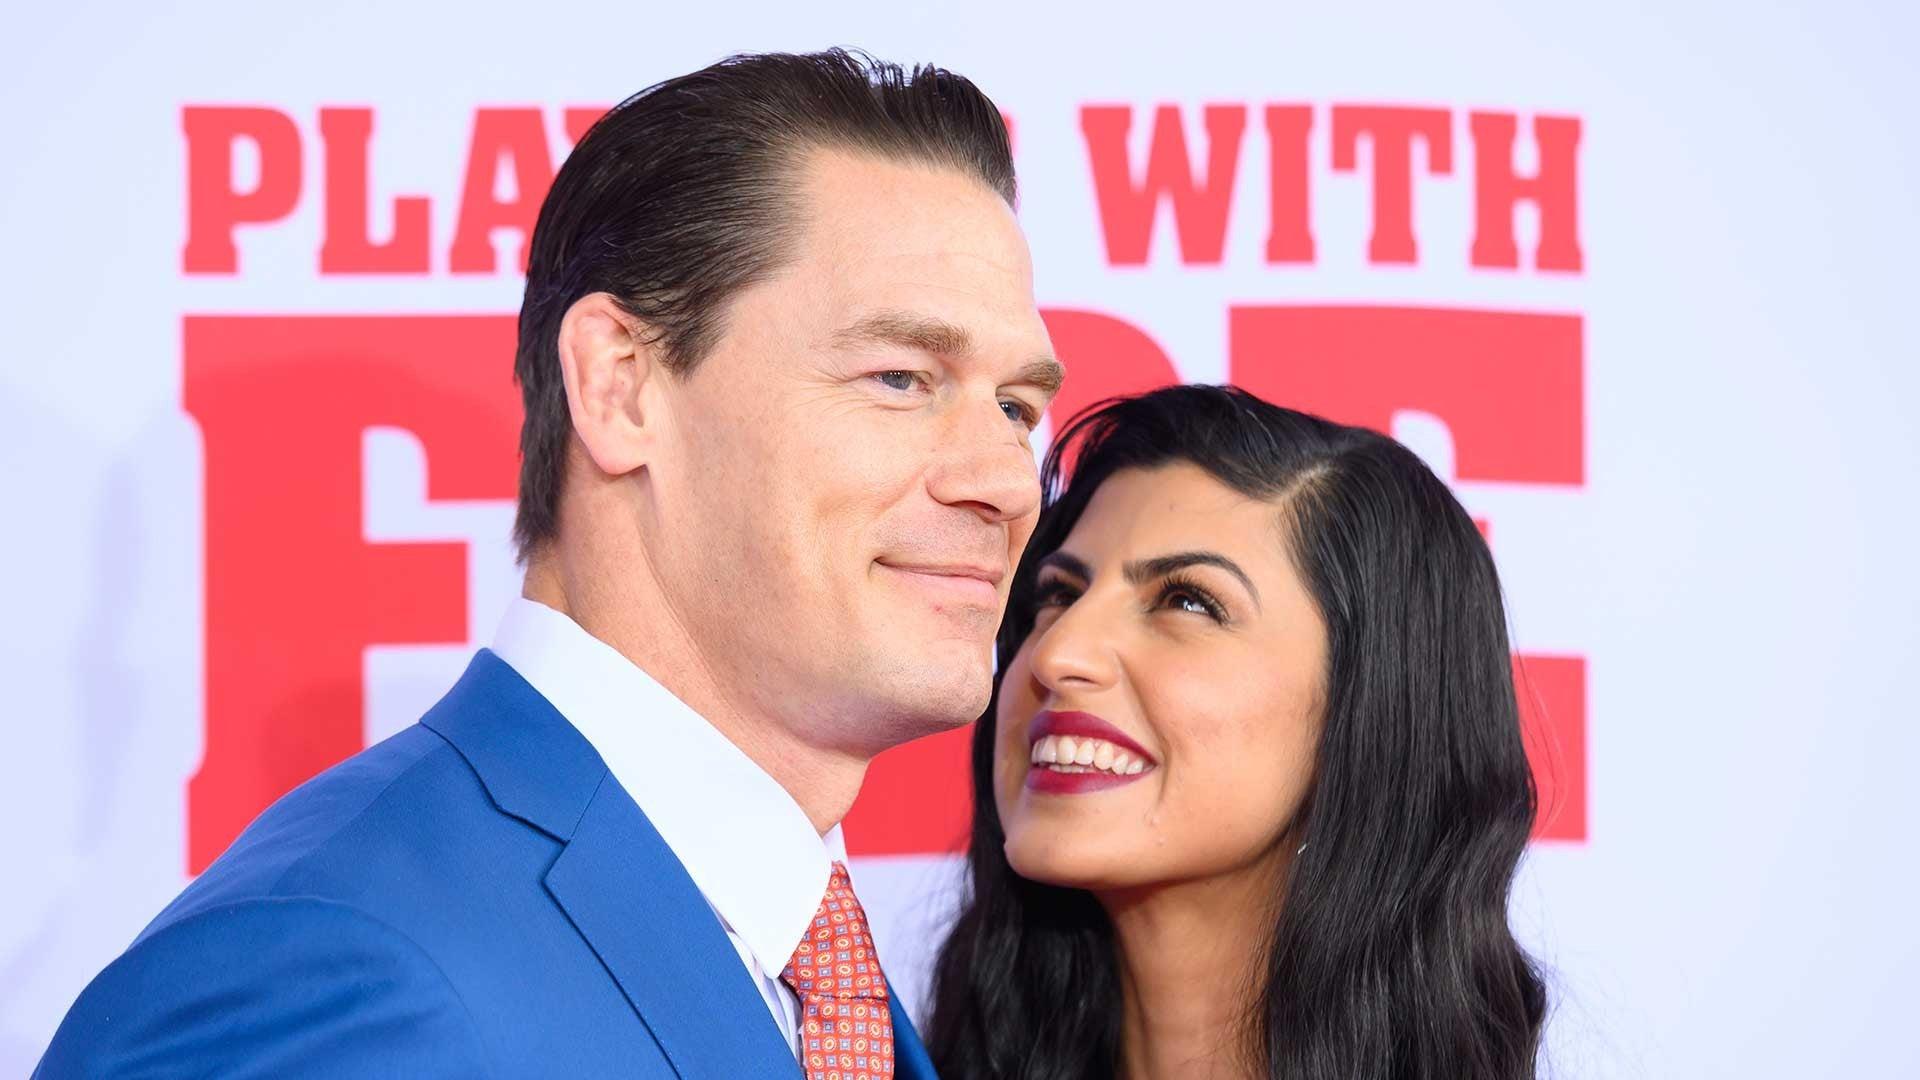 WWE Franchise John Cena Marries Shay Shariatzadeh 1